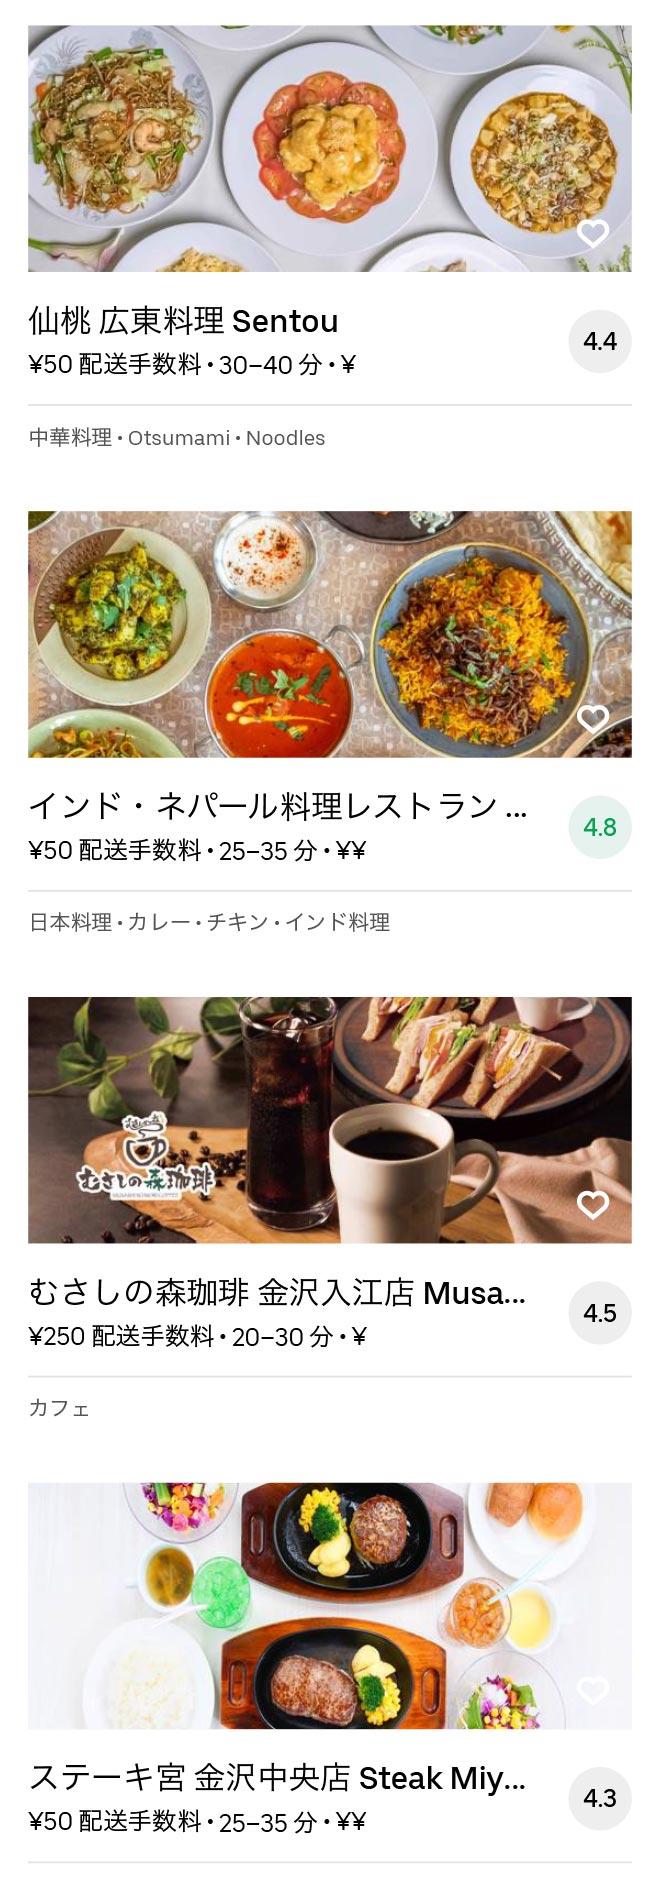 Kanazawa menu 2009 03